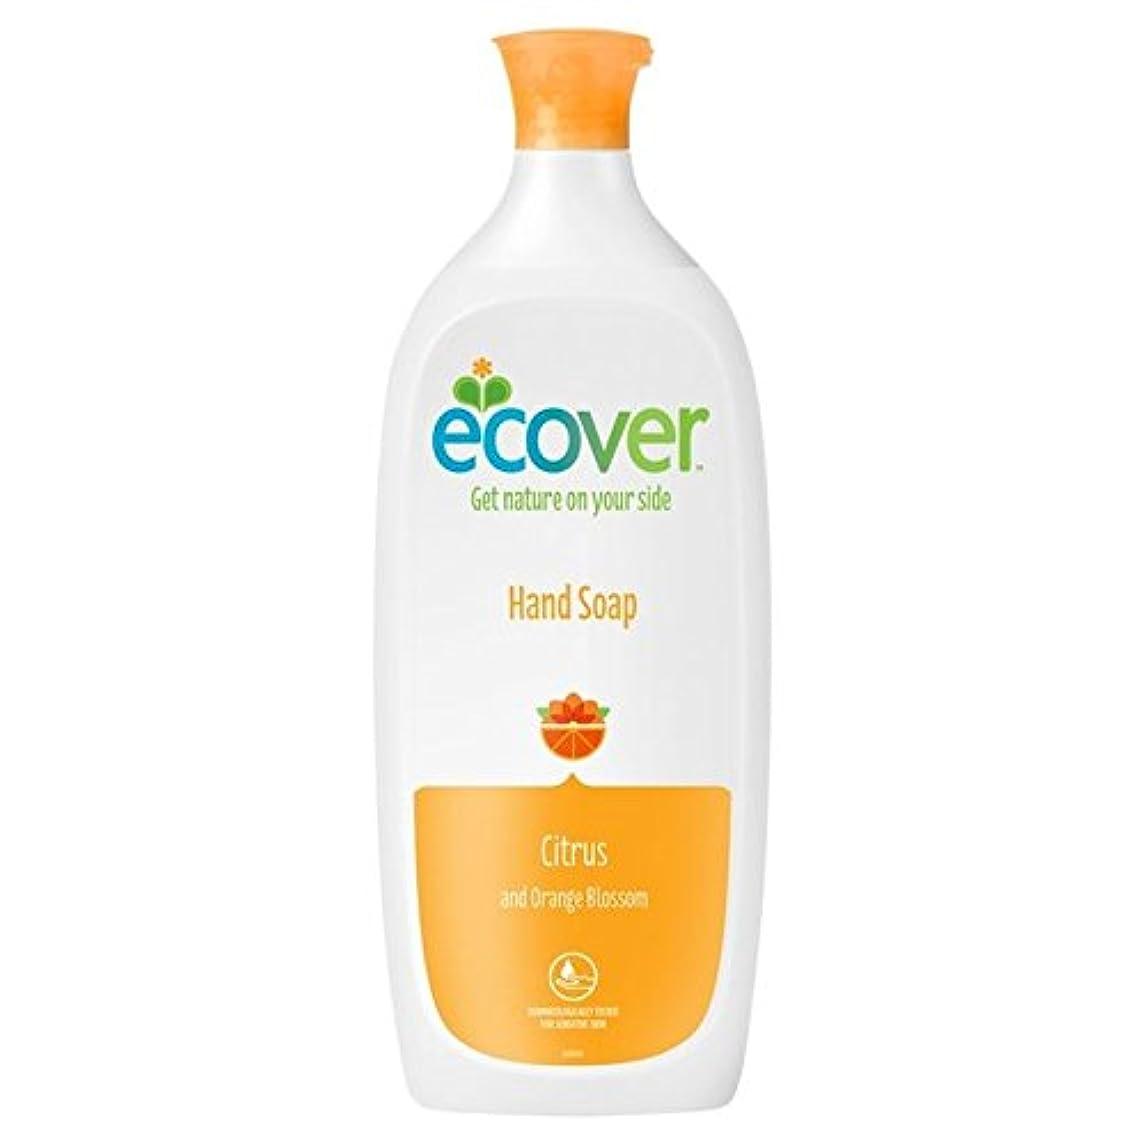 それから泥棒真実にEcover Liquid Soap Citrus & Orange Blossom Refill 1L - エコベール液体石鹸シトラス&オレンジの花のリフィル1リットル [並行輸入品]